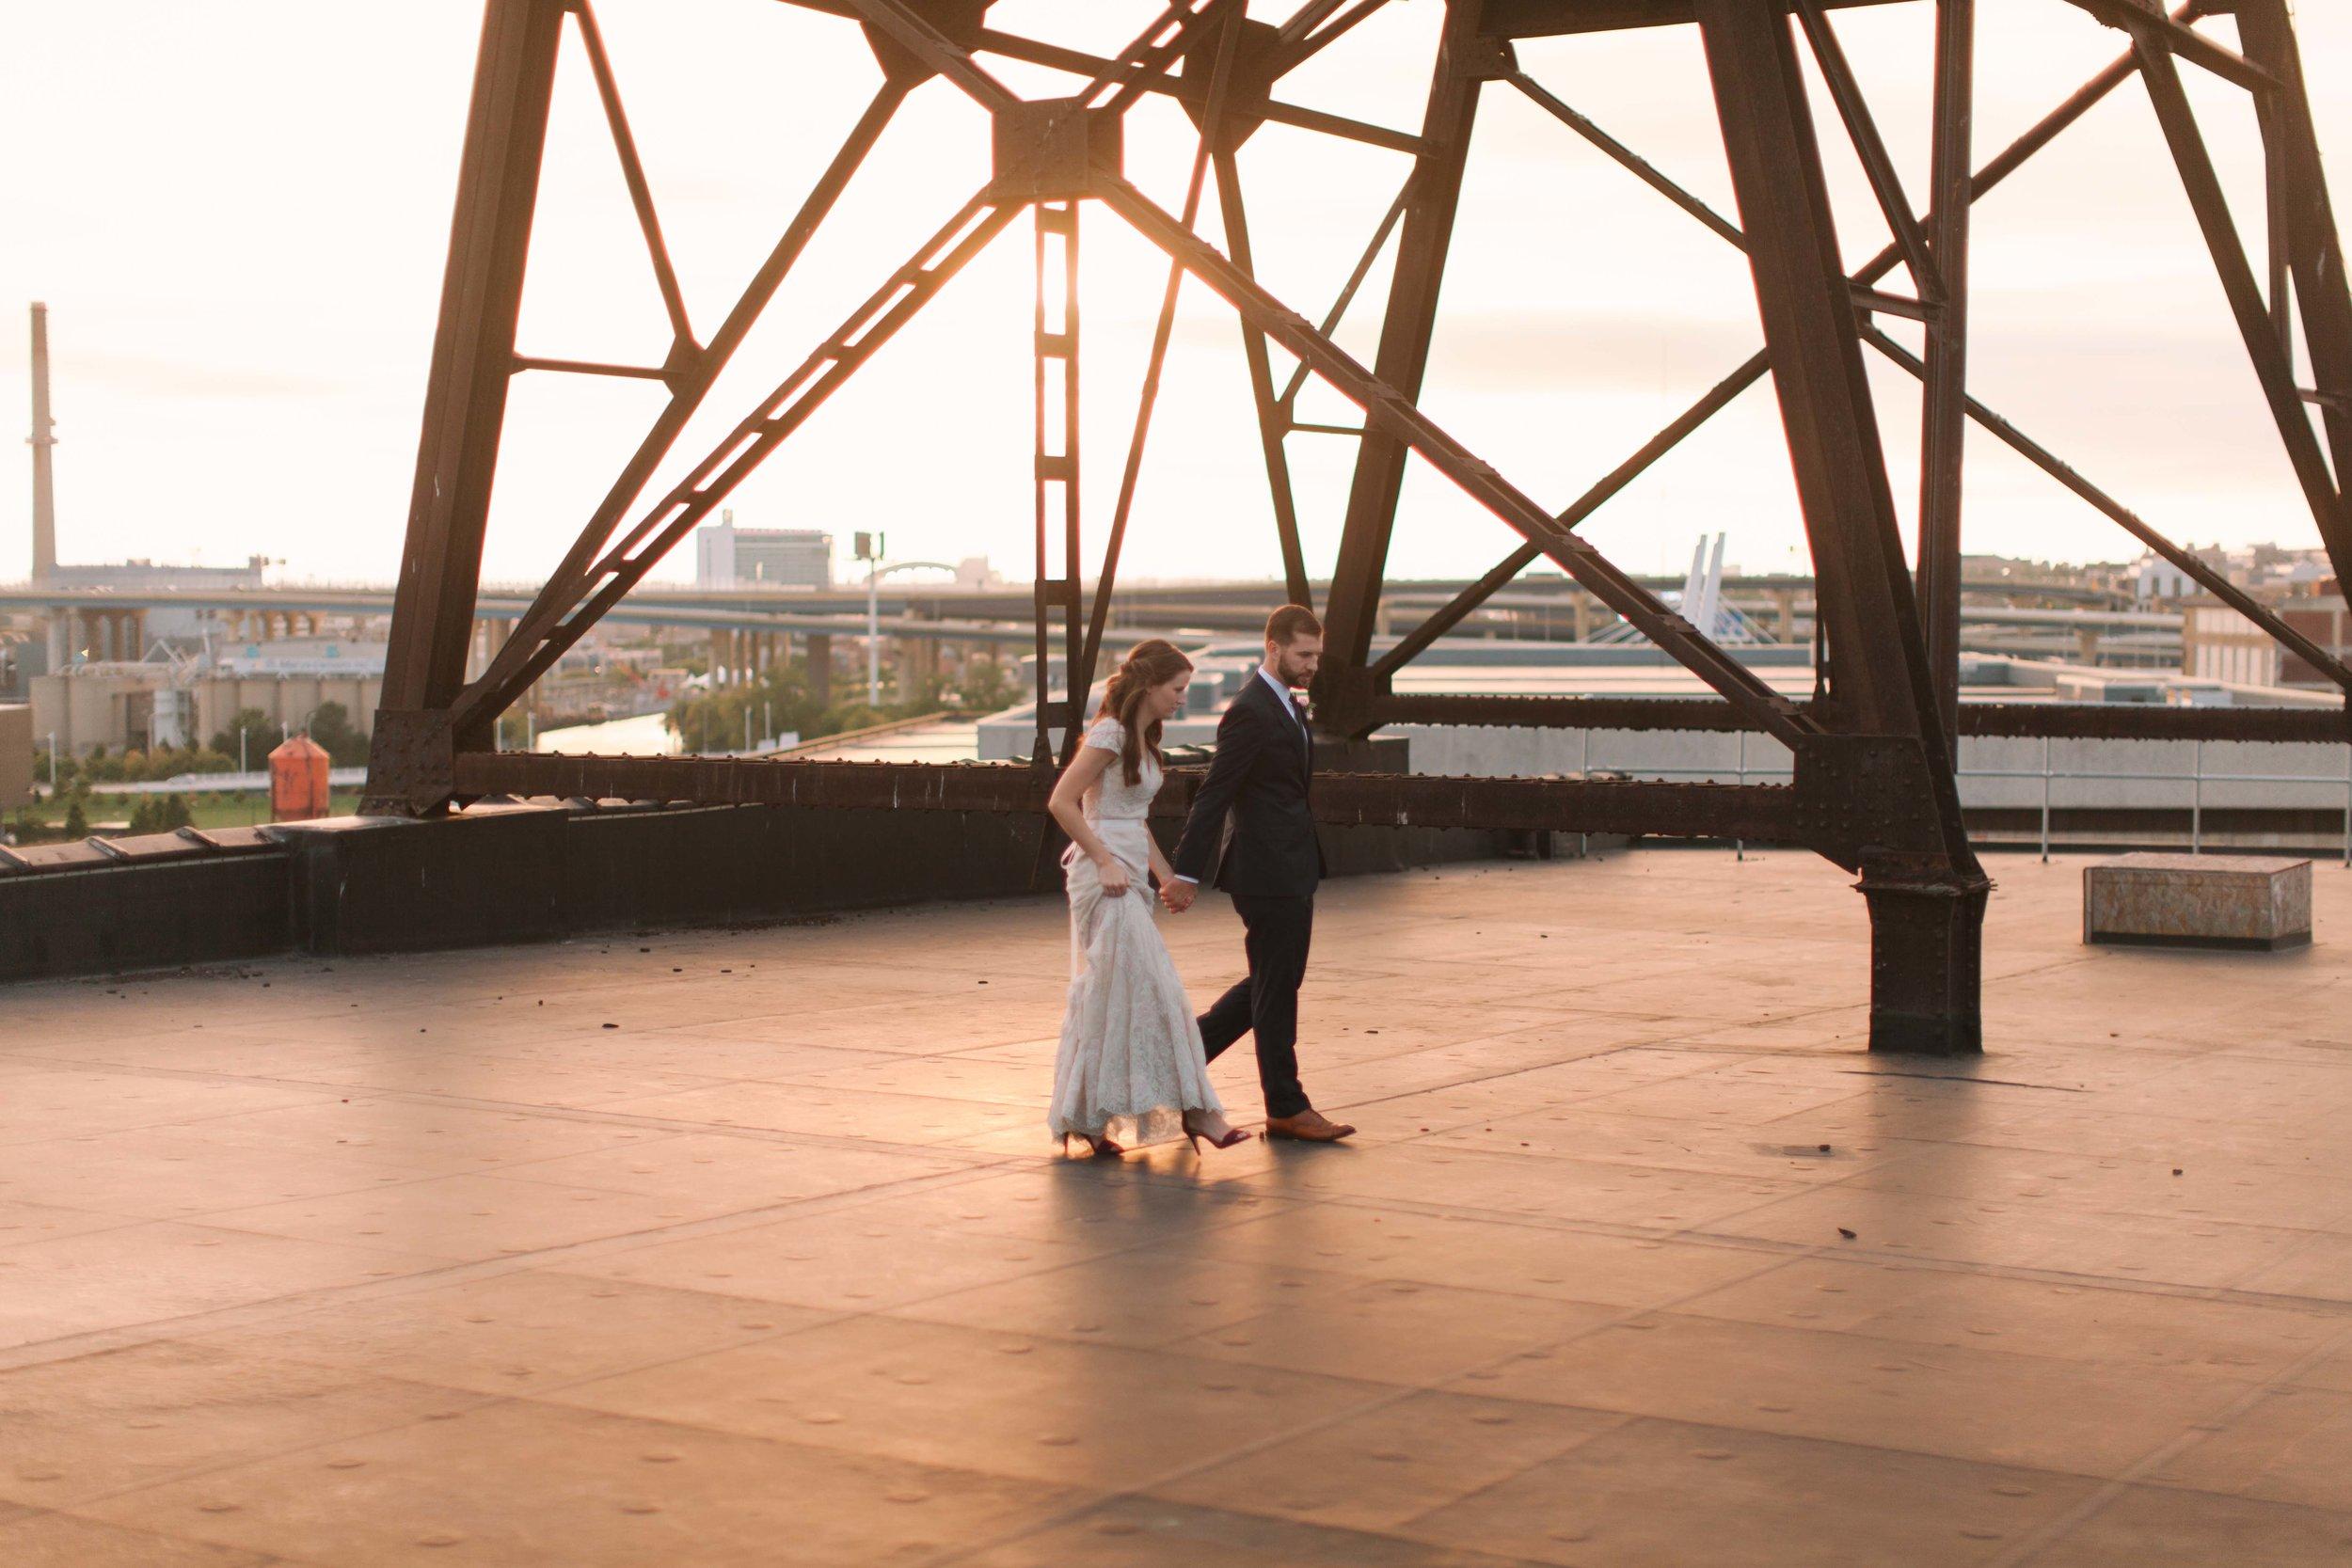 kateweinsteinphoto_clairewillie_wedding-609.jpg